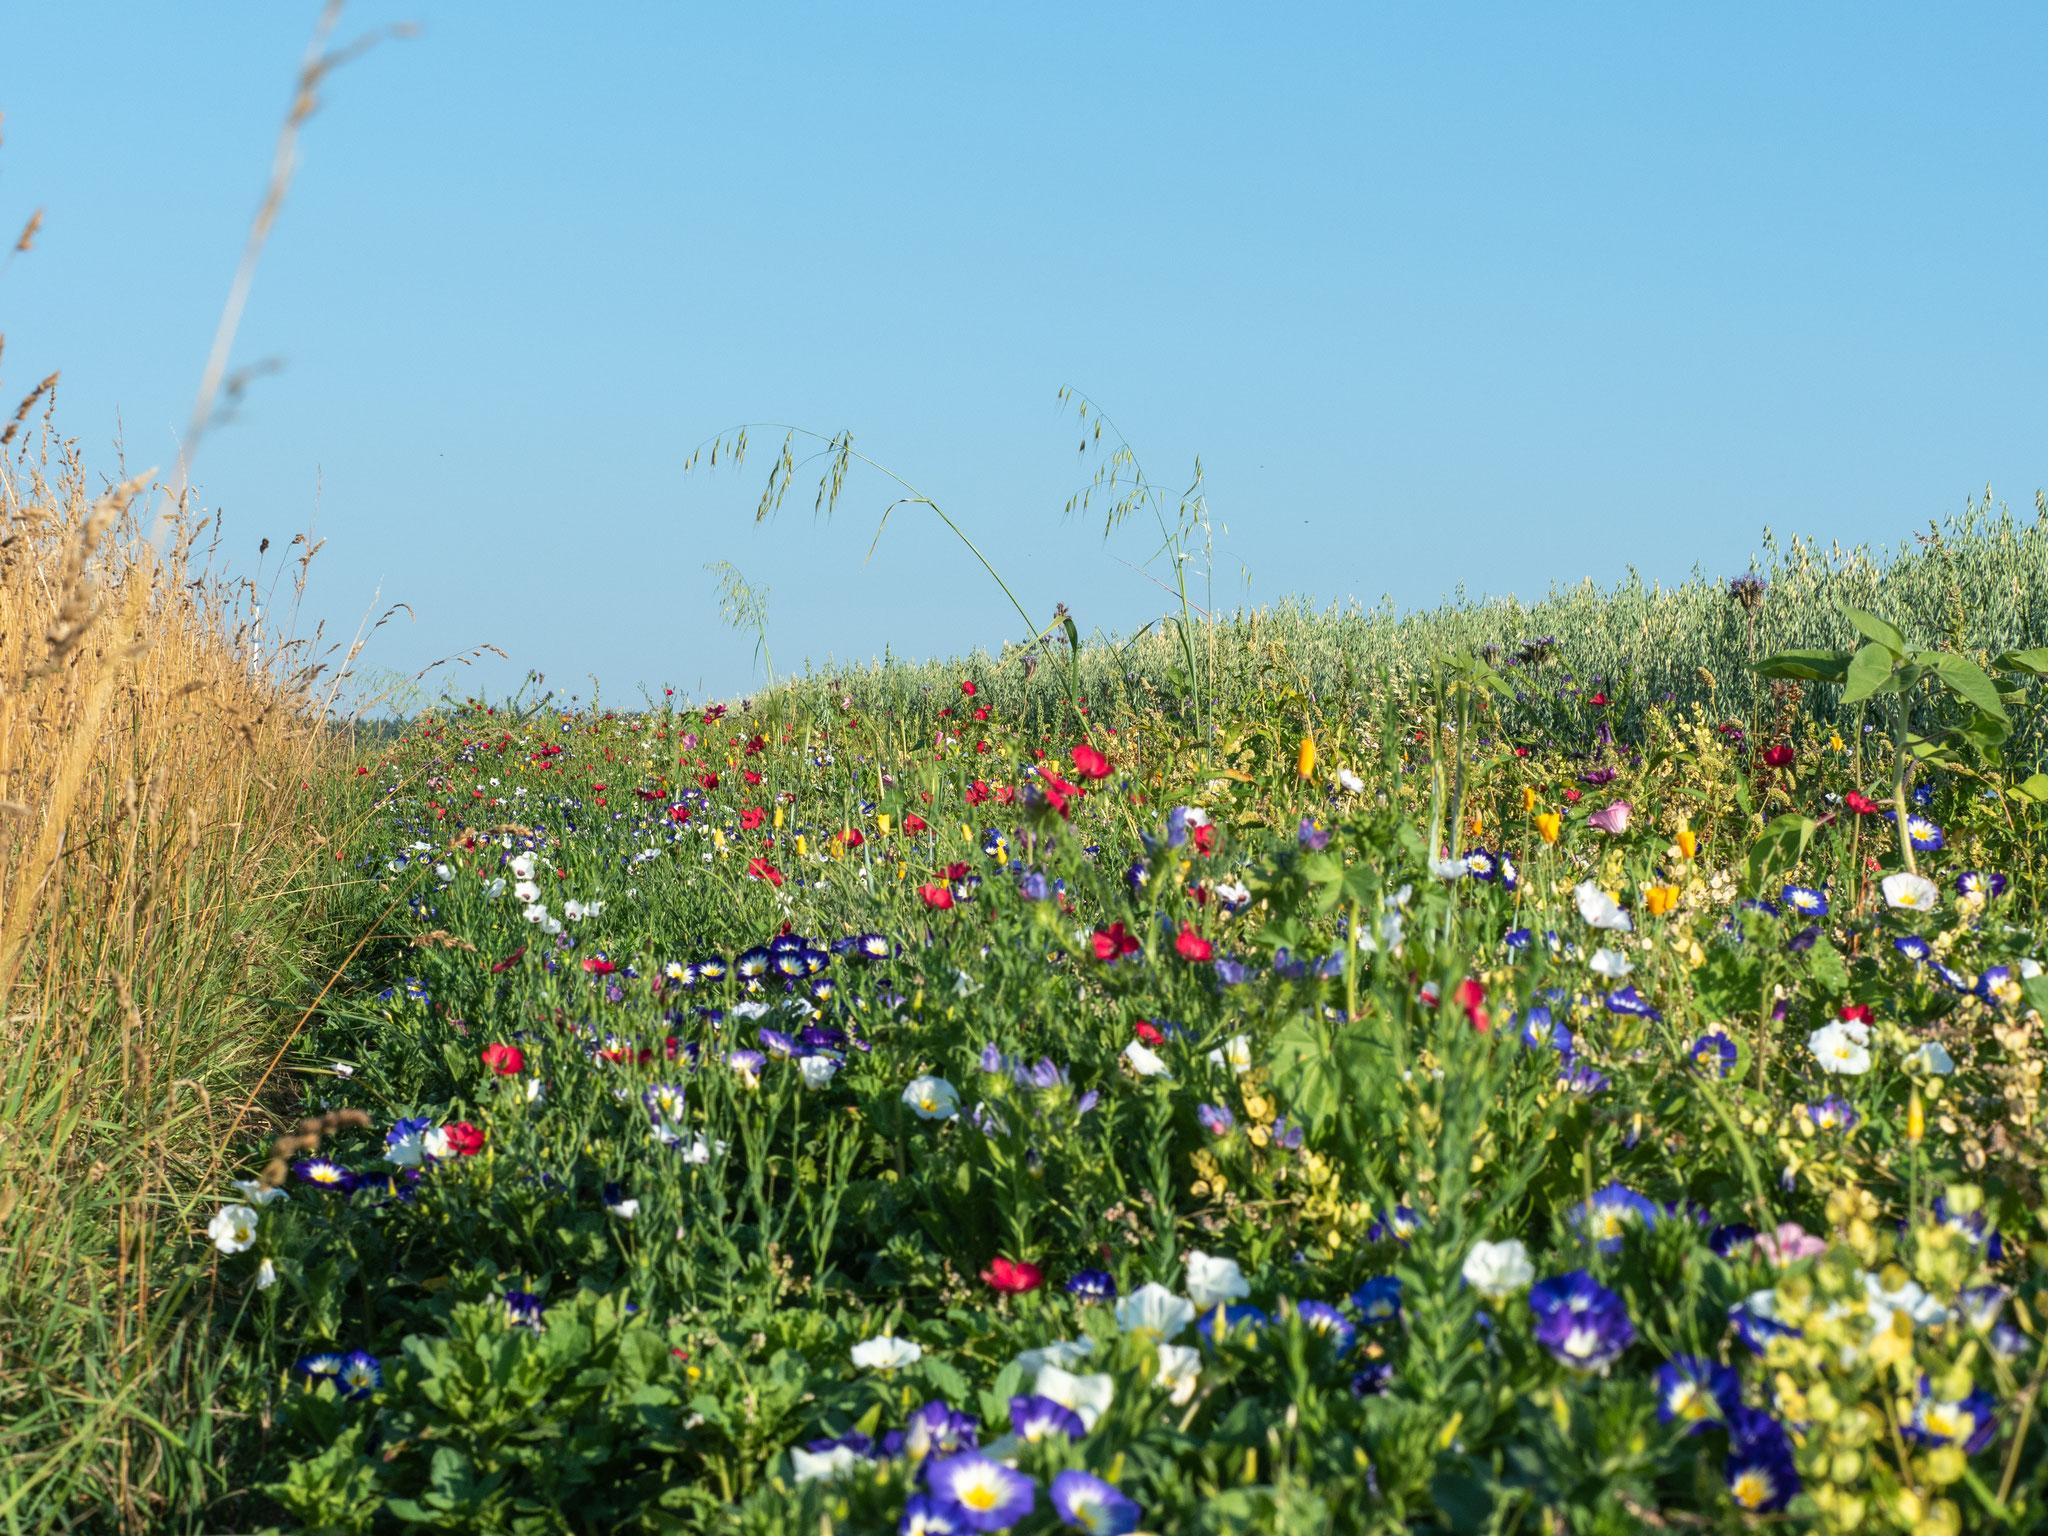 Blühstreifen zwischen den Ackerflächen